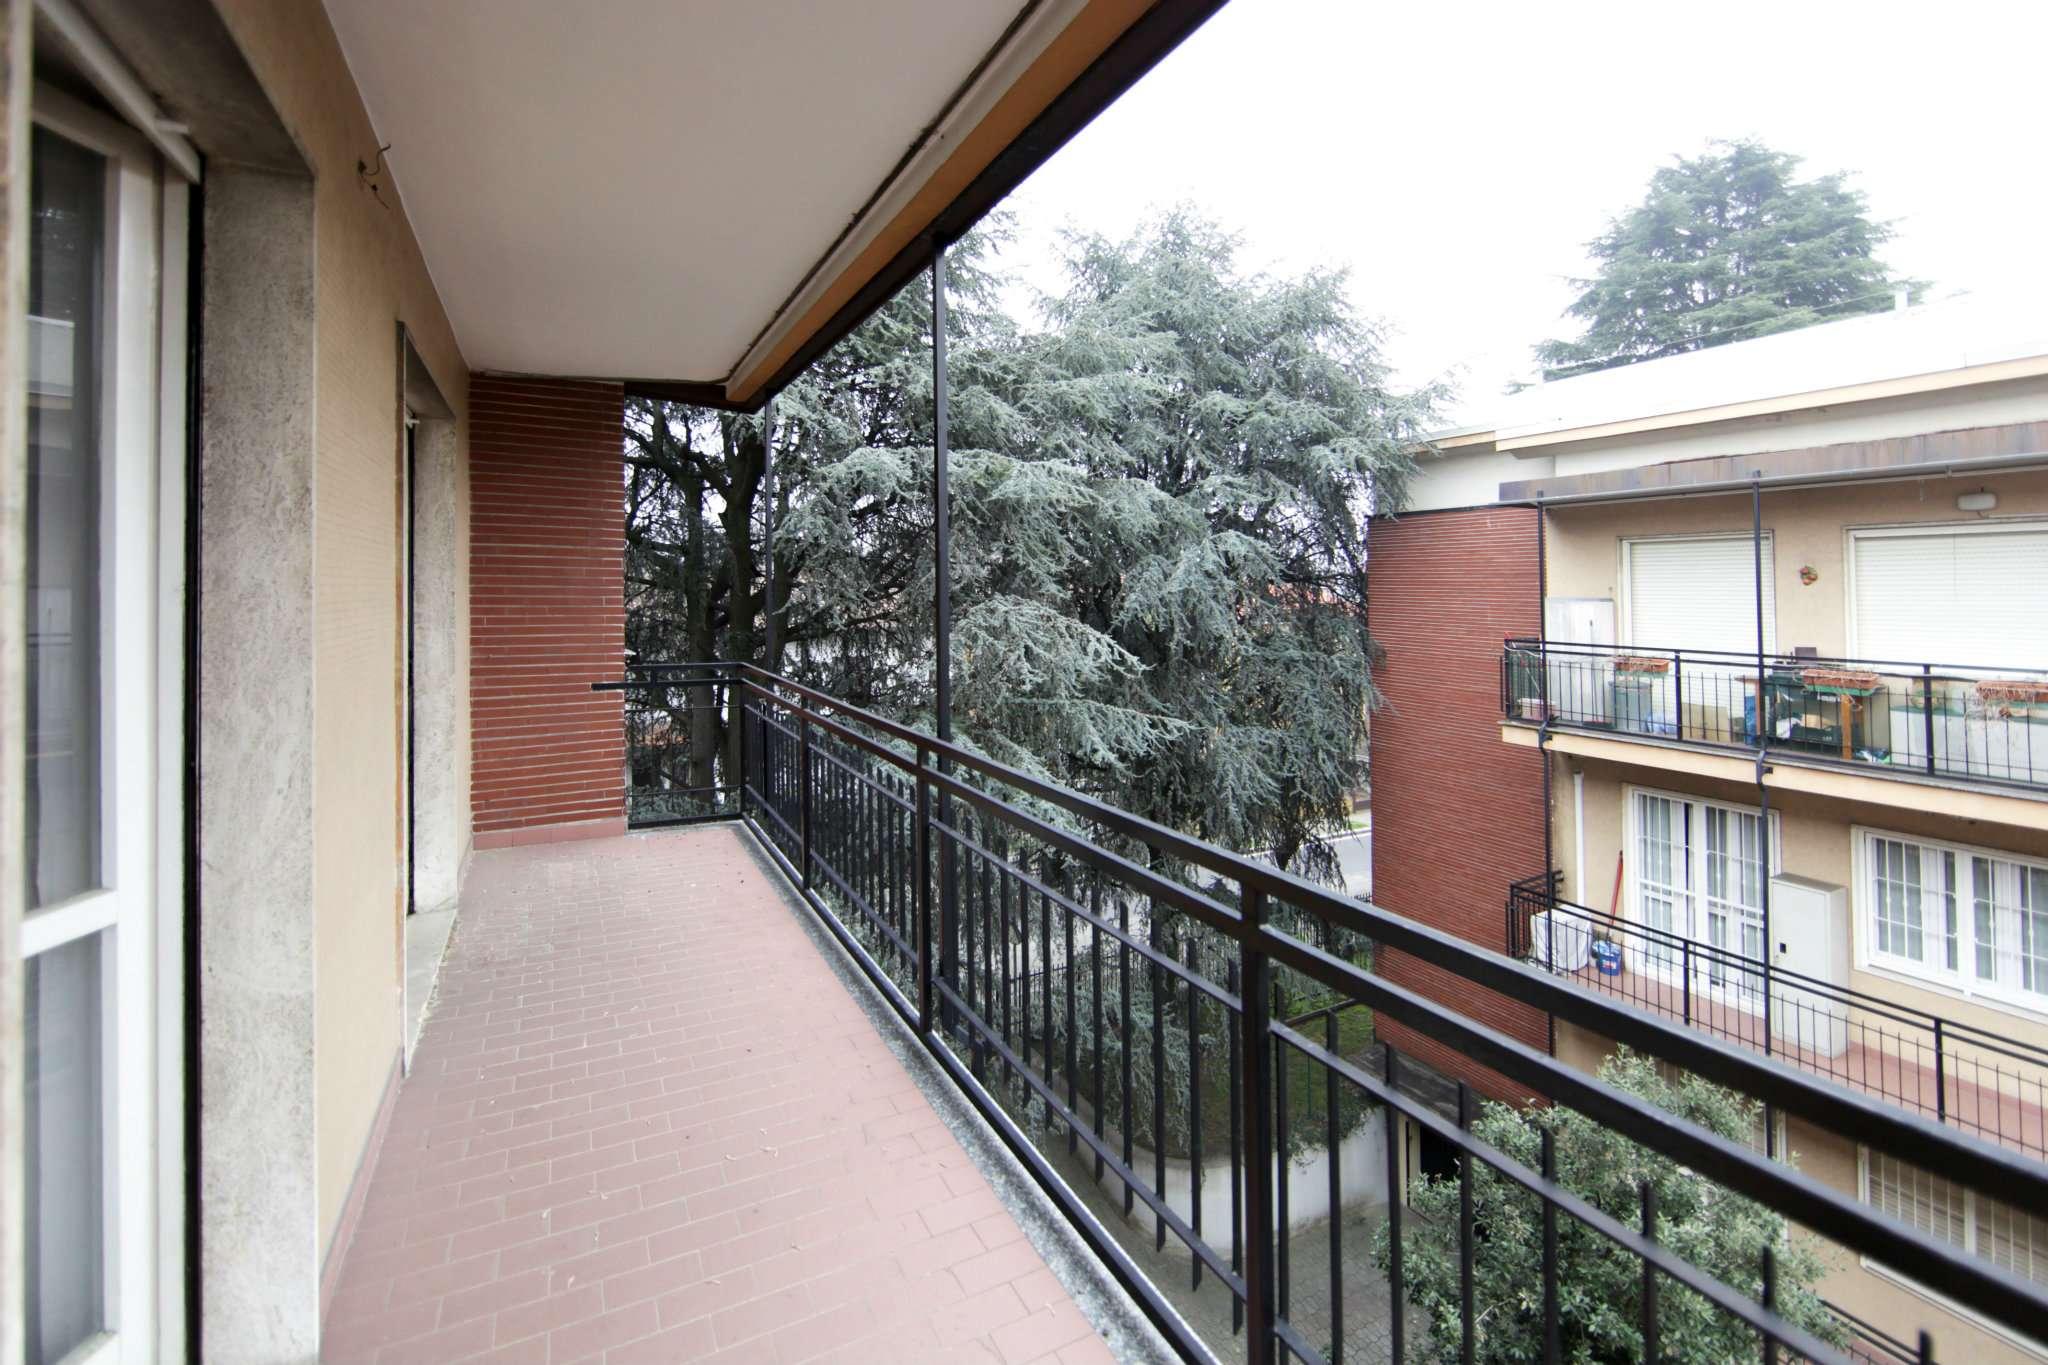 Appartamento in vendita a Cusano Milanino, 3 locali, prezzo € 190.000 | CambioCasa.it